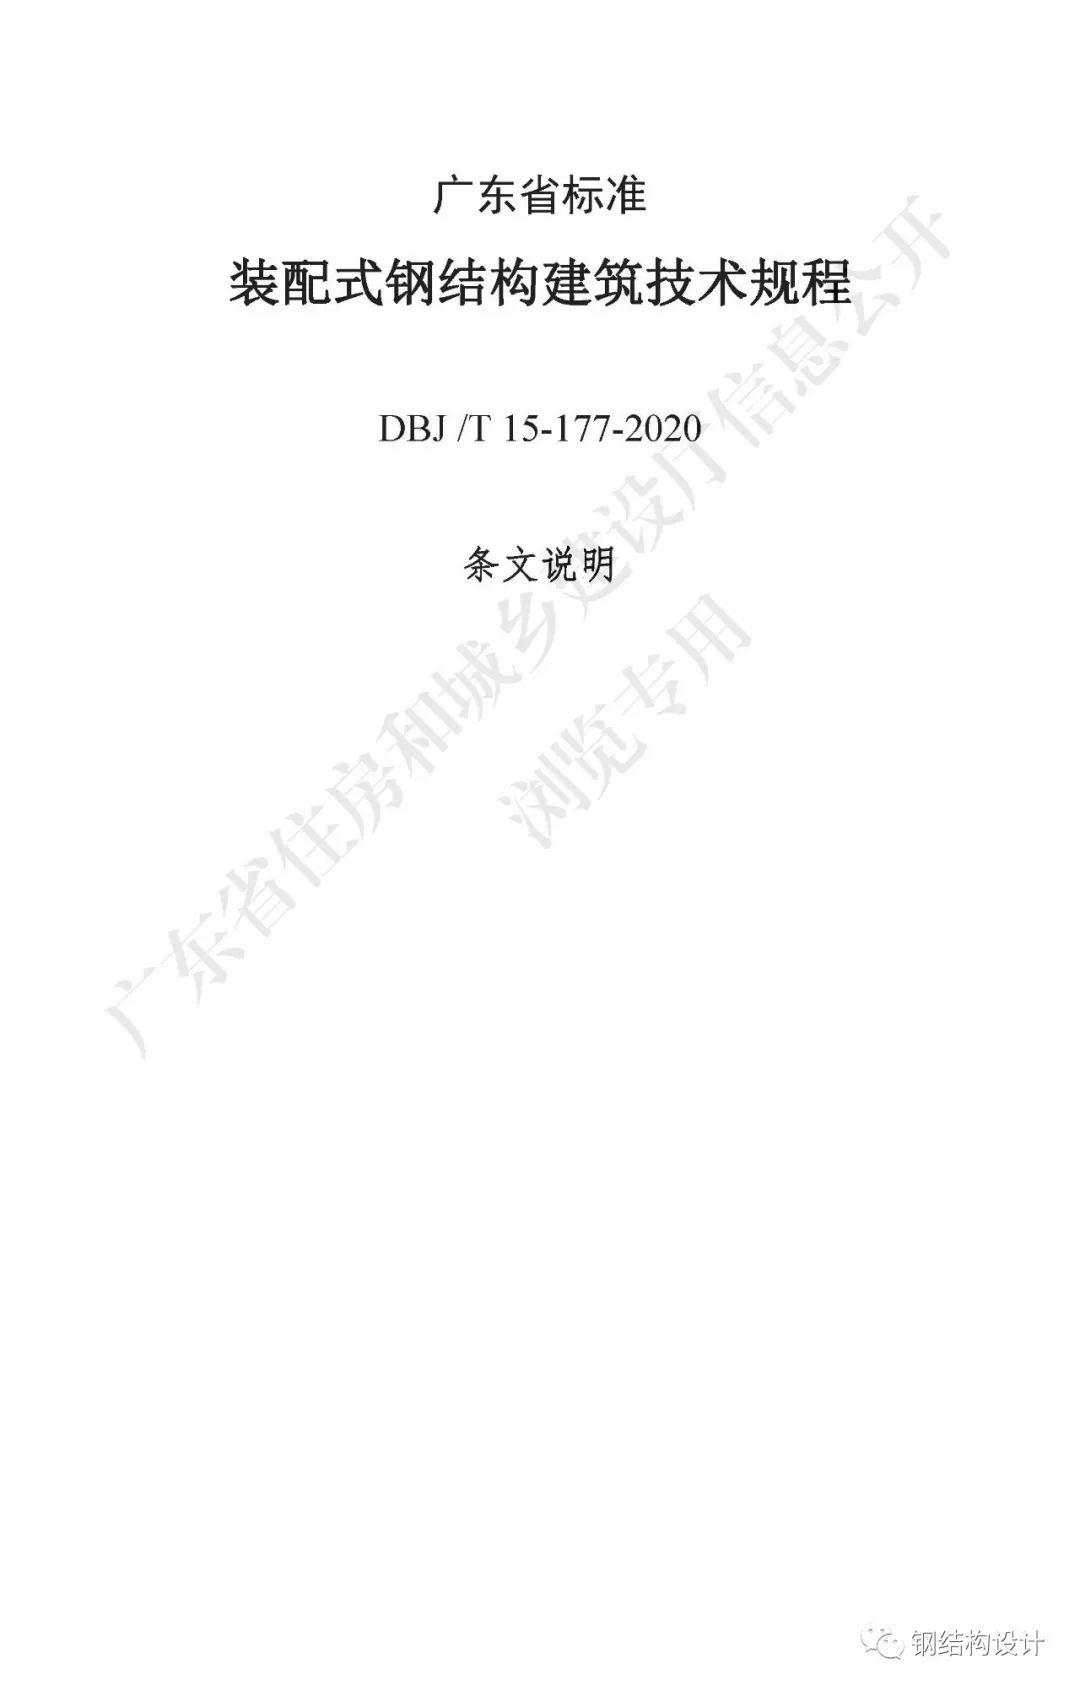 广东省《装配式钢结构建筑技术规程》发布_55